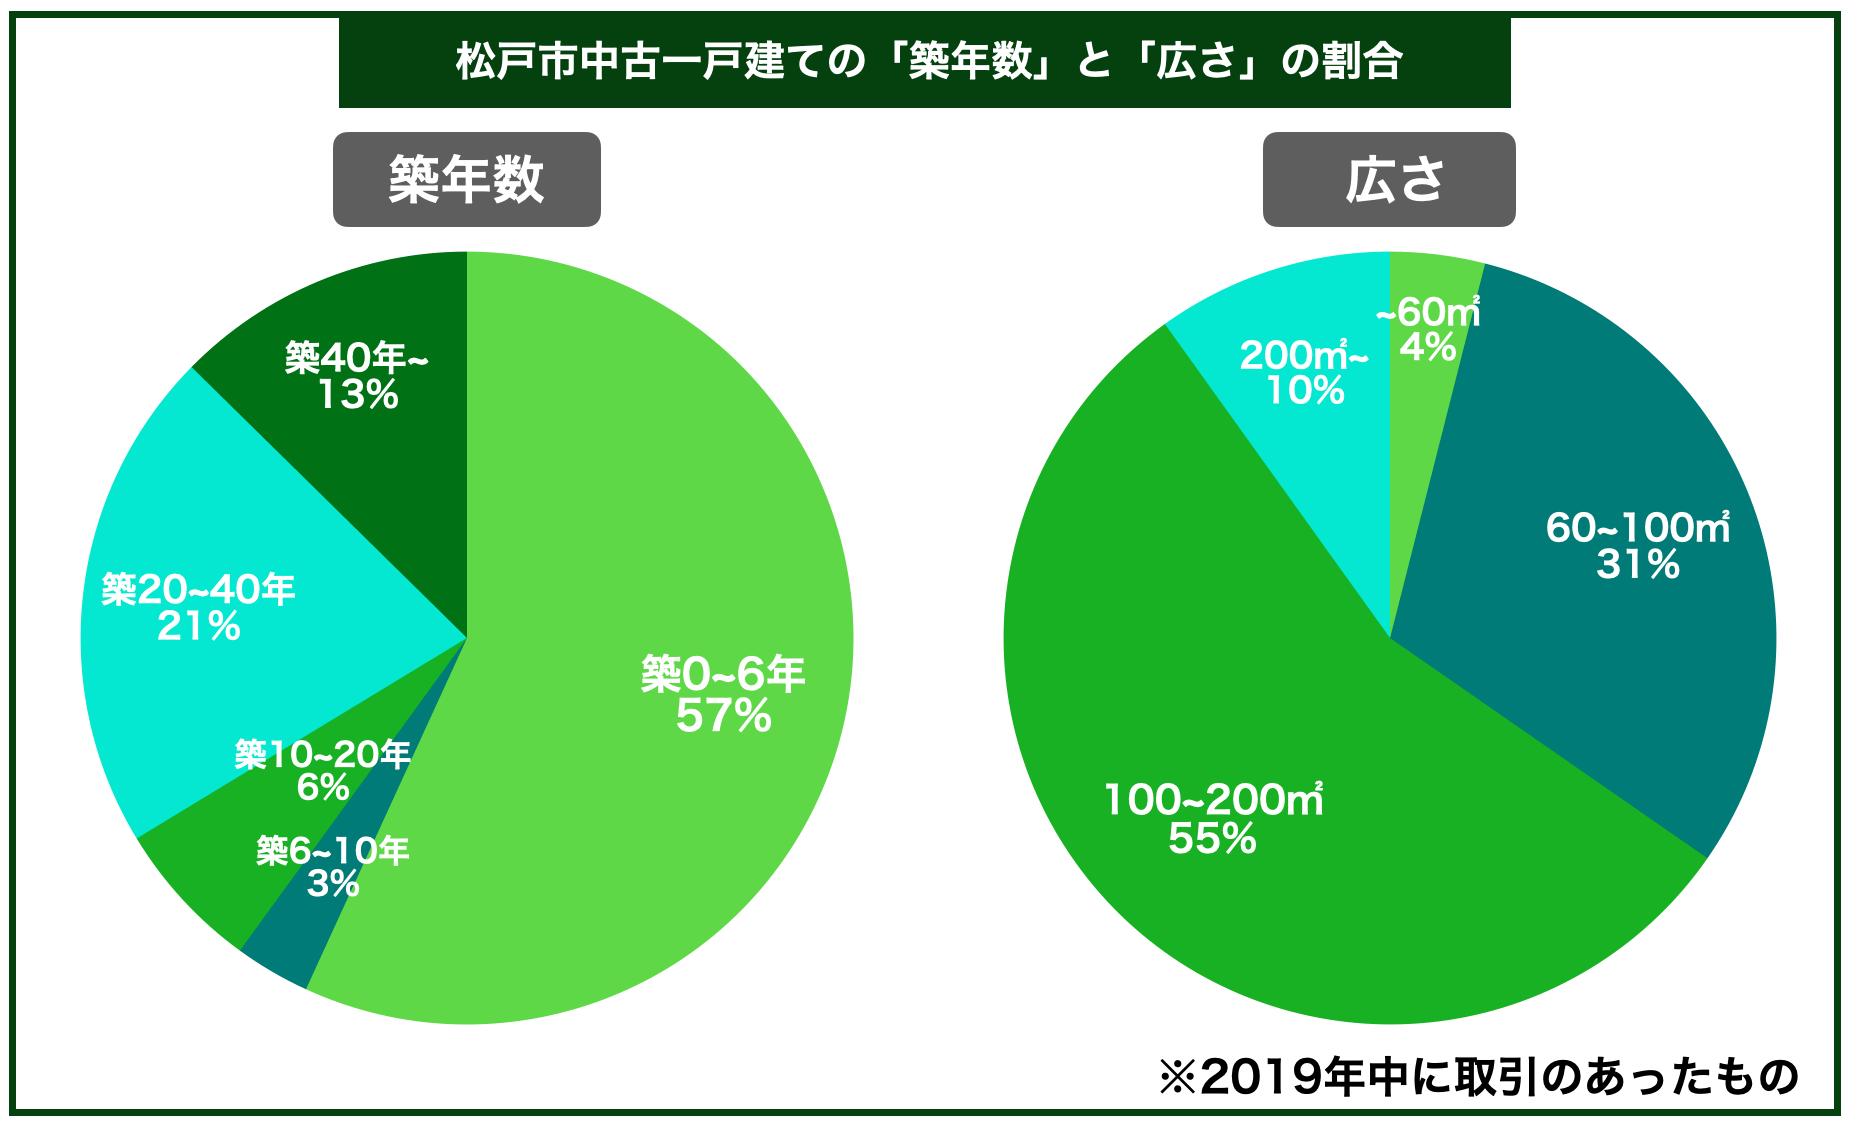 松戸市中古一戸建ての平均築年数と広さの割合